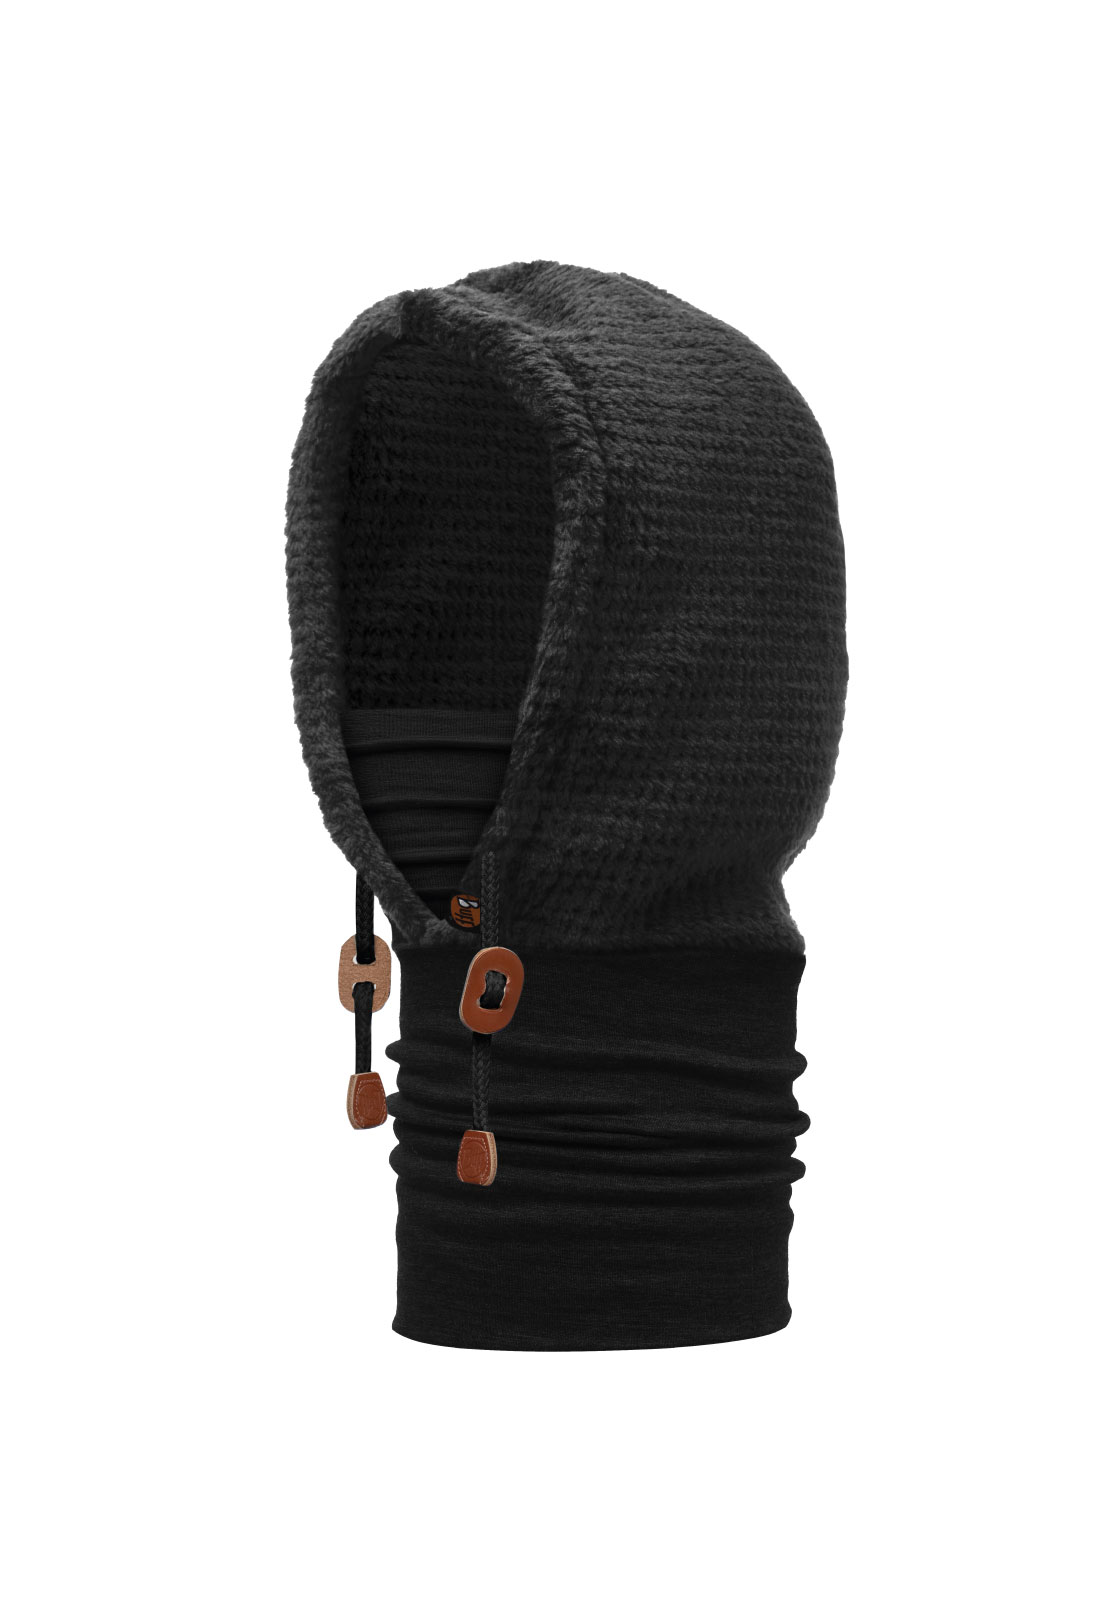 Thermal Hoodie Solid Black